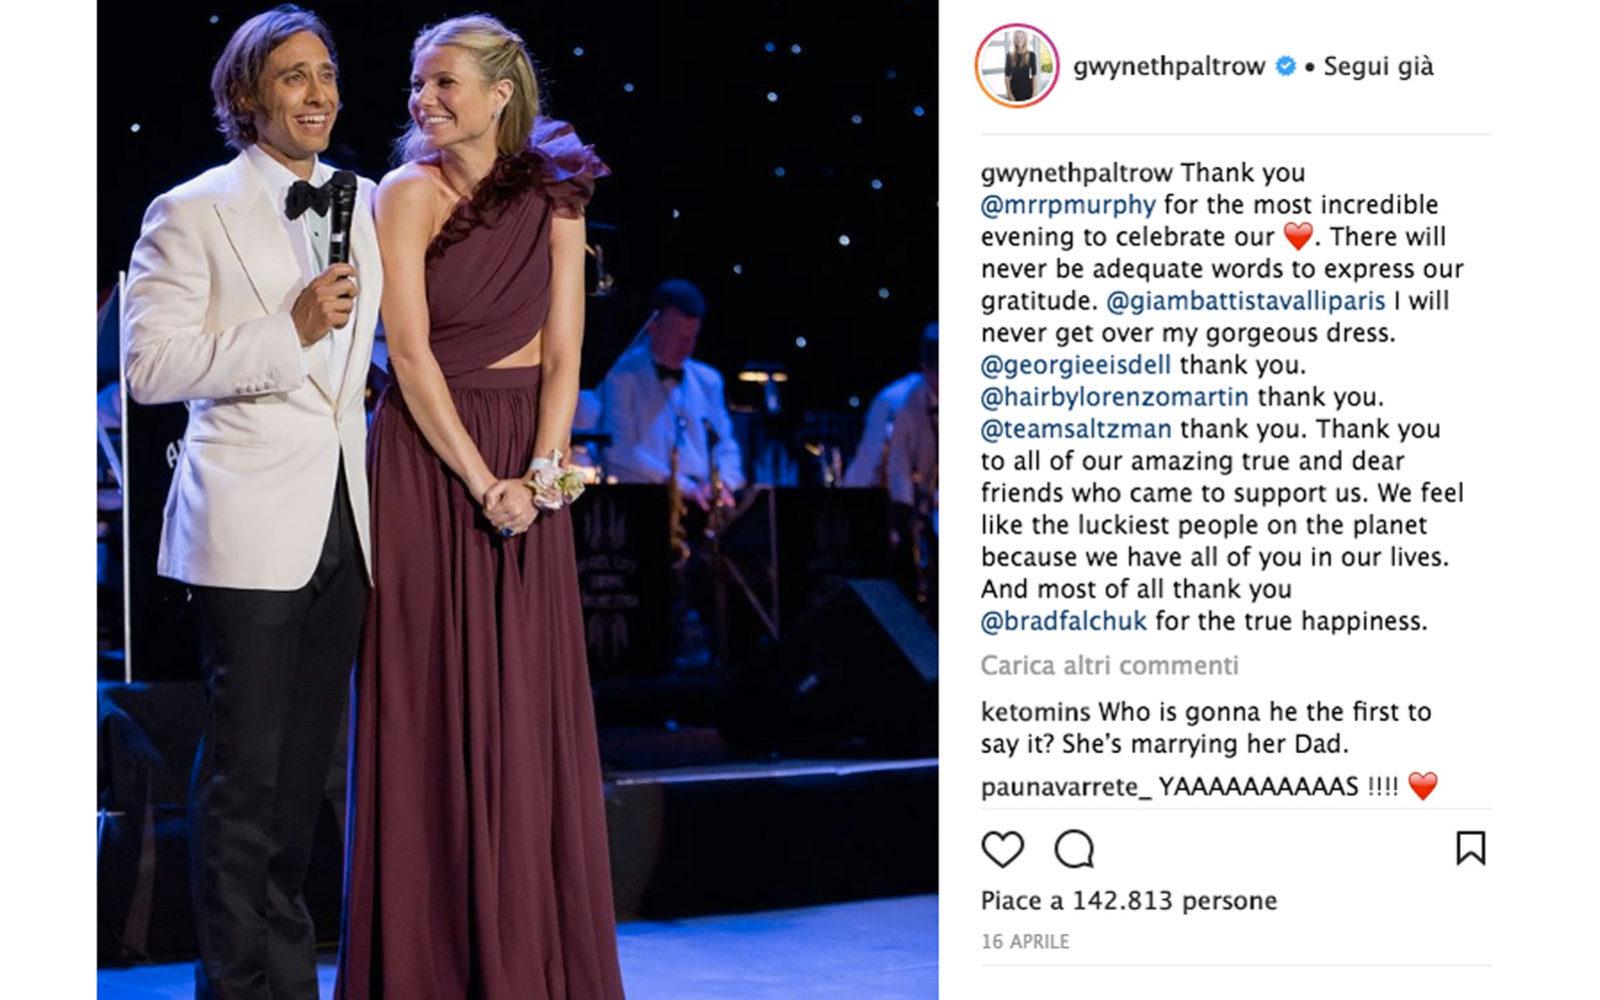 Gwyneth-Paltrow-e-Brad-Falchuk